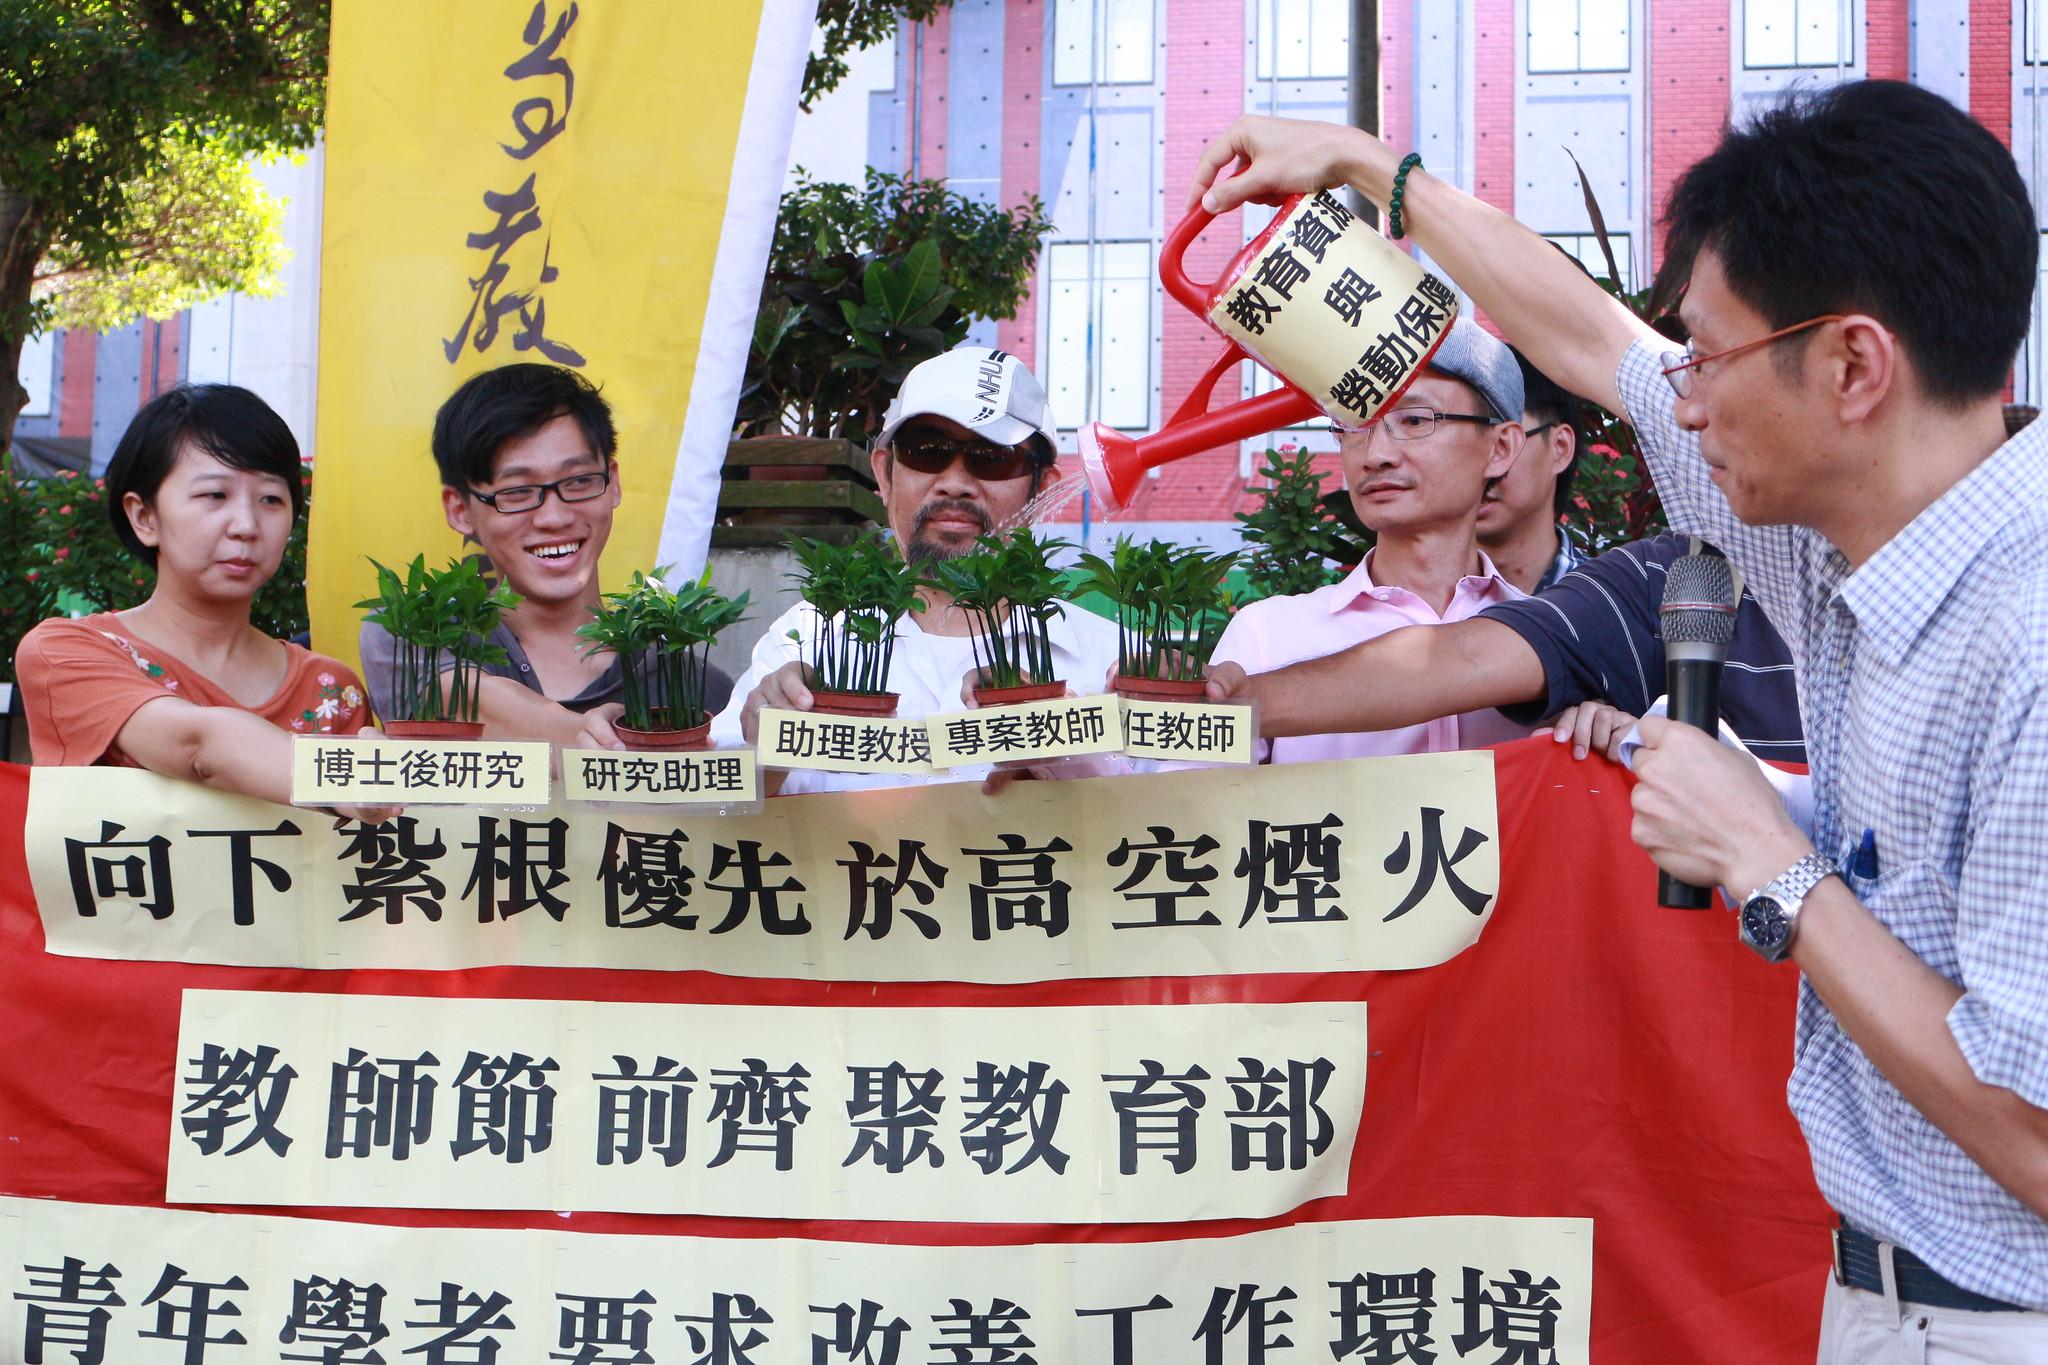 陳政亮拿起「教育資源與勞動保障」的水壺,要教育部挹注資源,積極建設高教基礎建設。(高教工會提供)